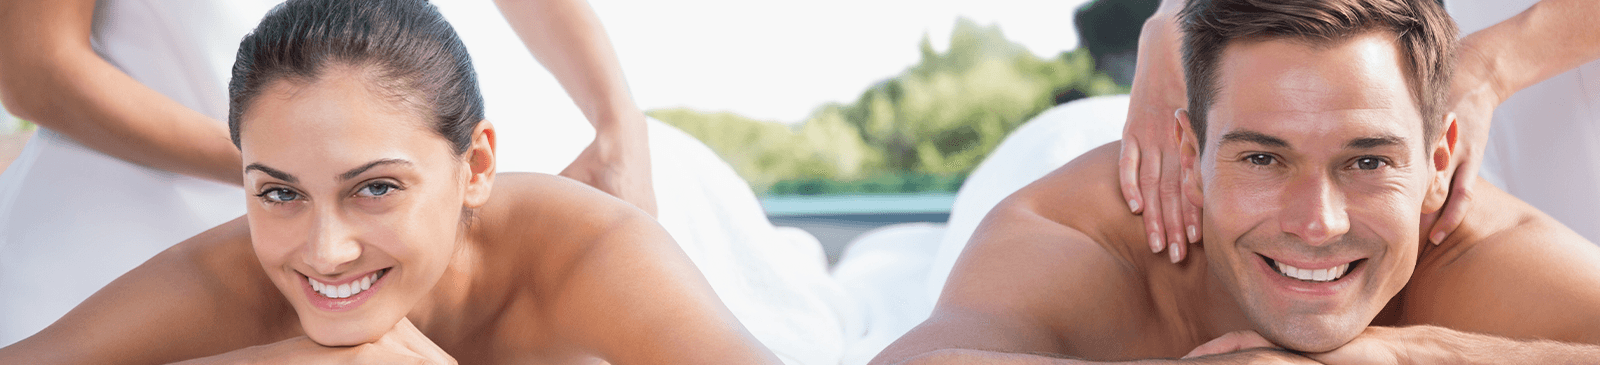 exameninformatie massageschool